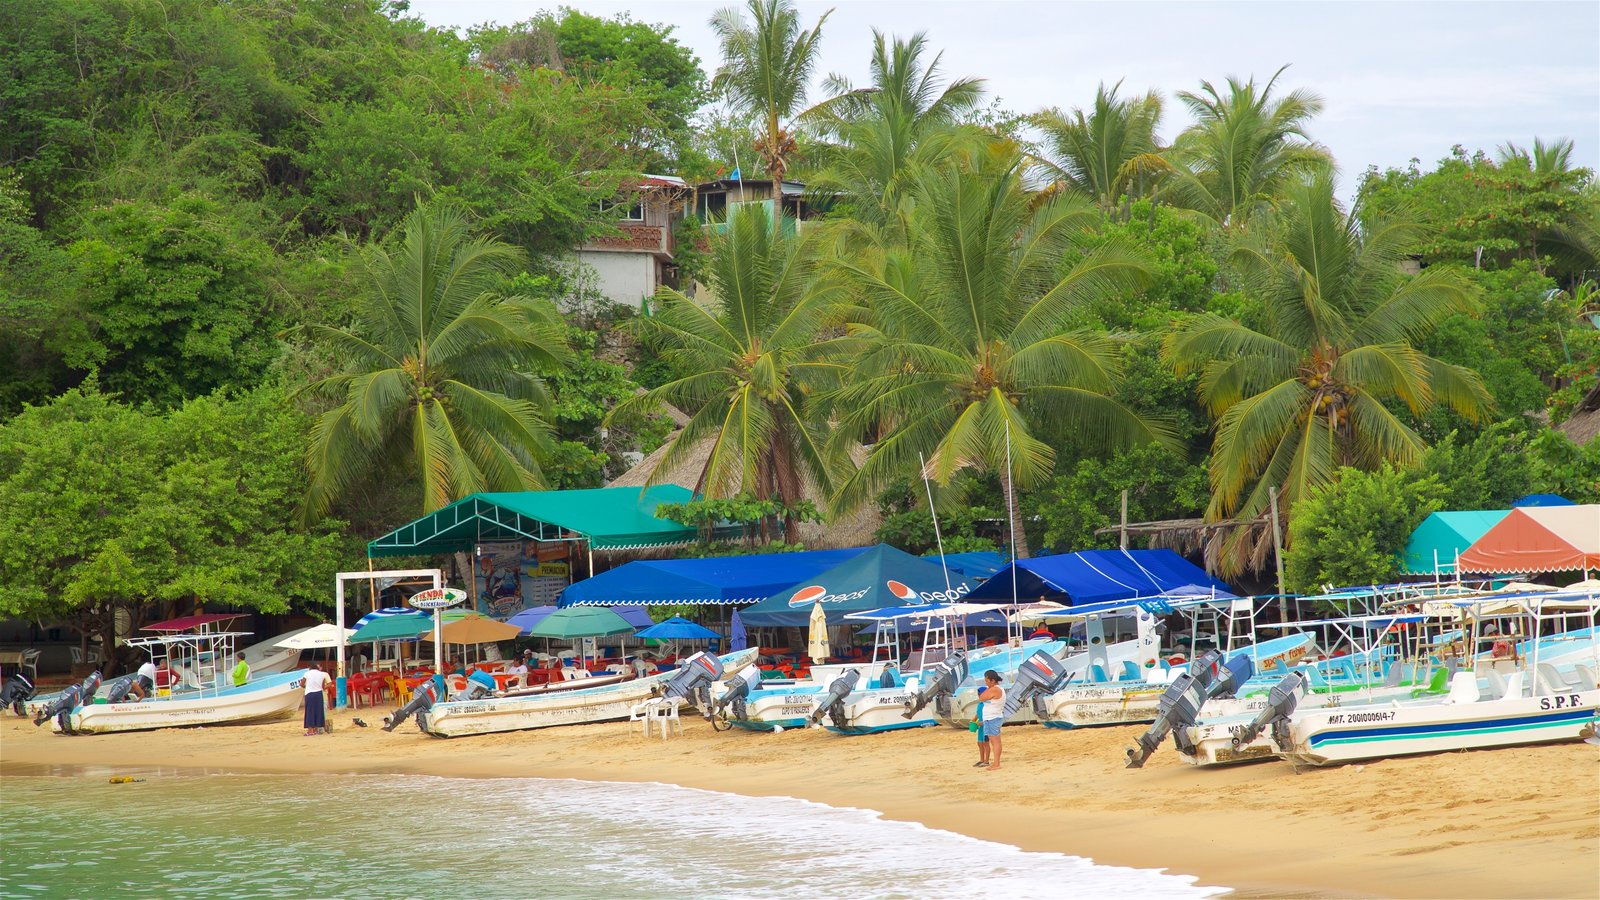 Playa Puerto Angelito que incluye una playa de arena, escenas tropicales y vistas generales de la costa